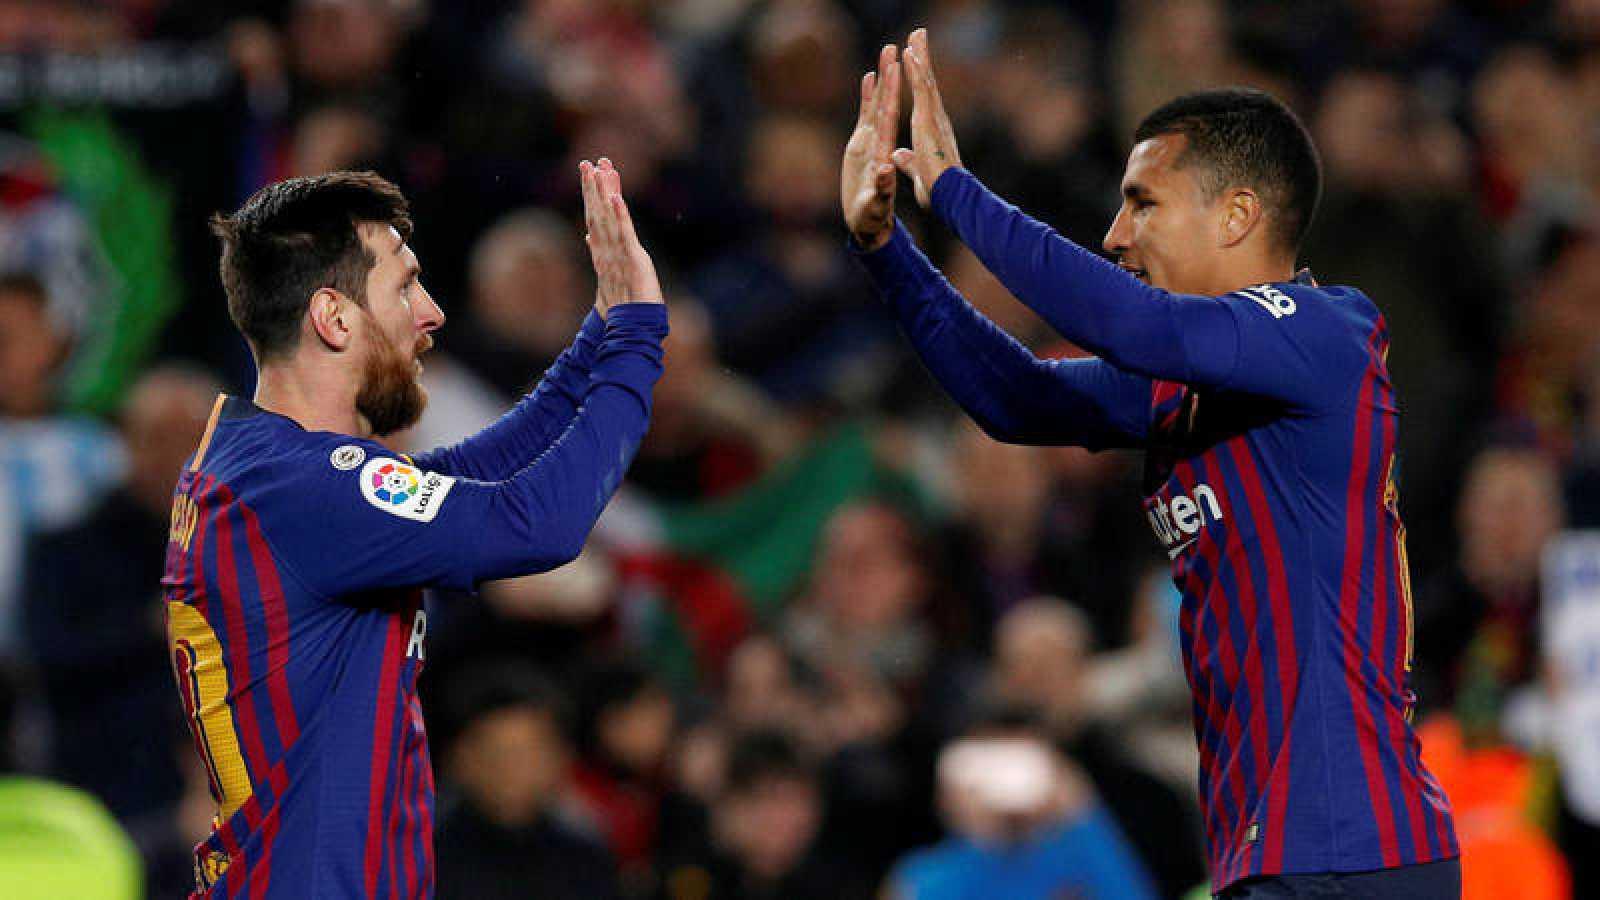 La Federación desestima la denuncia del Levante y el Barça jugará los cuartos de Copa